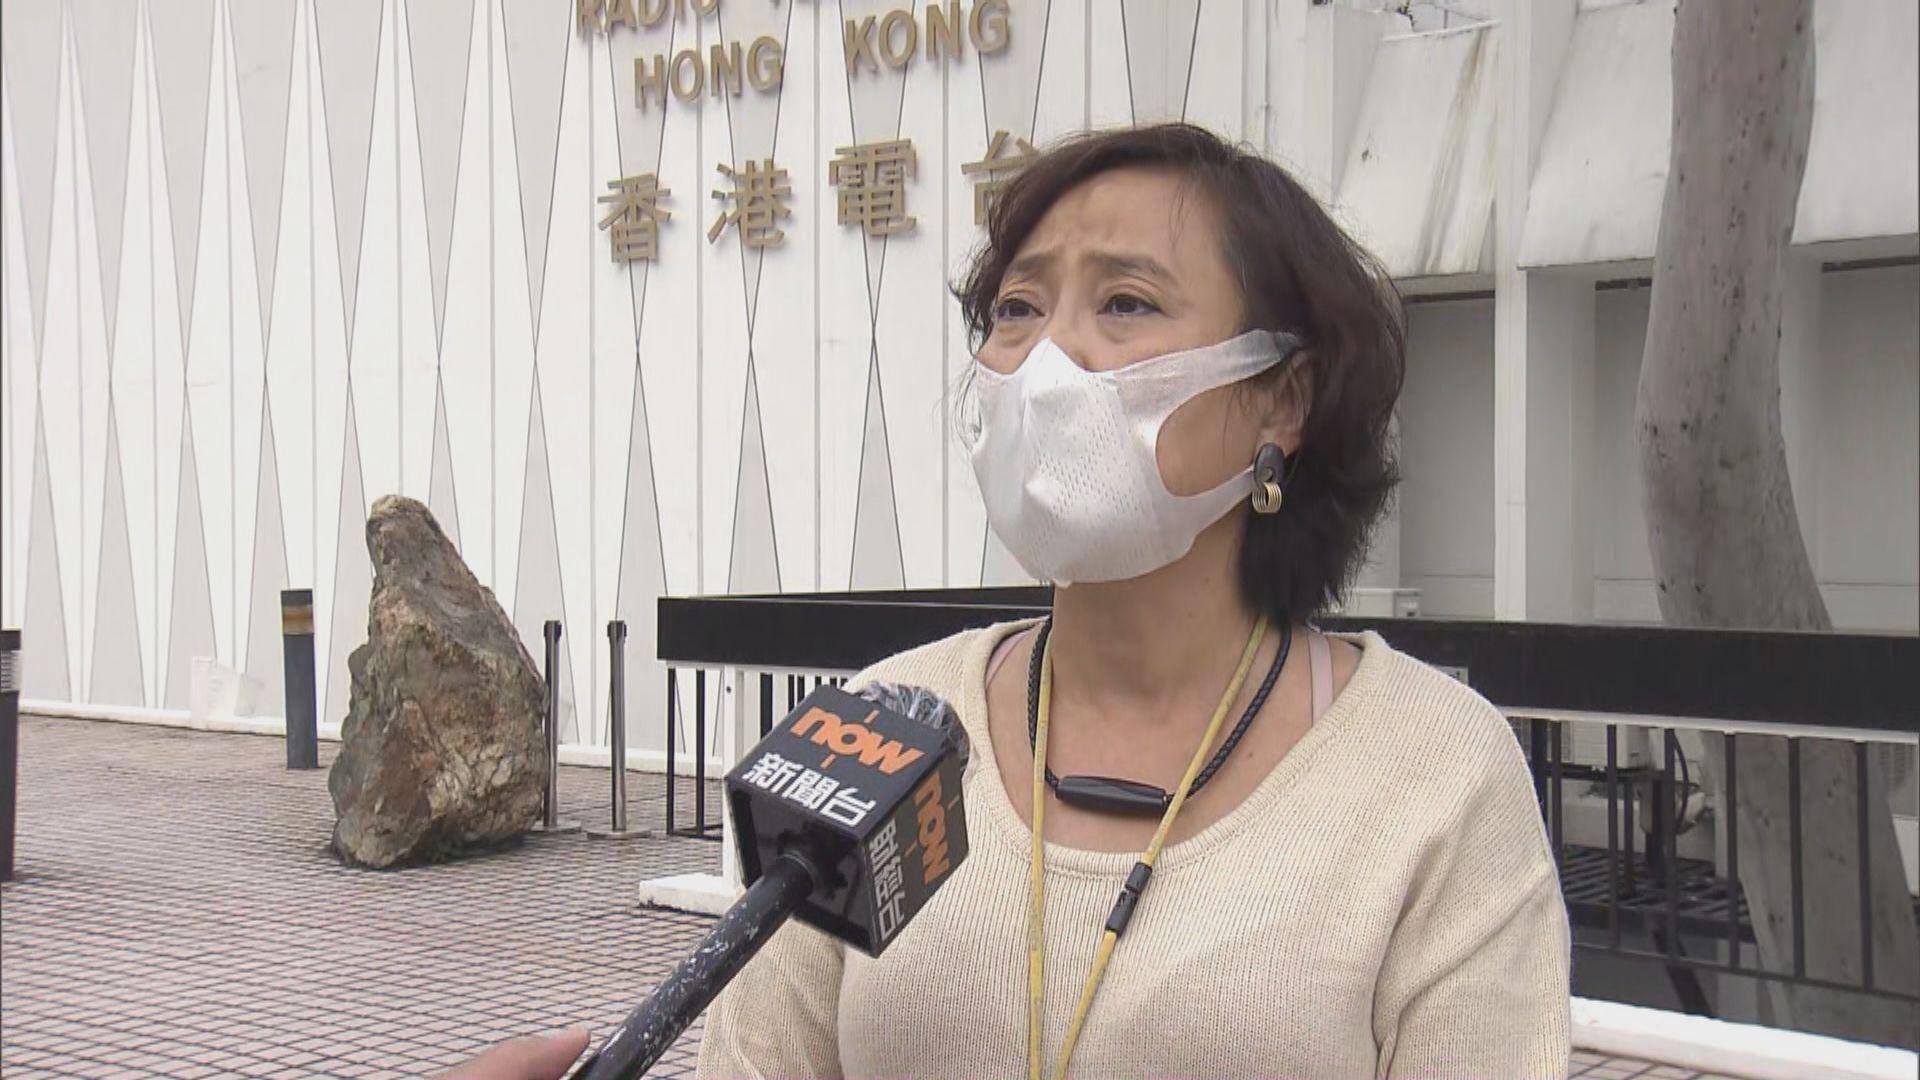 港台:正了解事件中 未肯定記者確實被捕原因